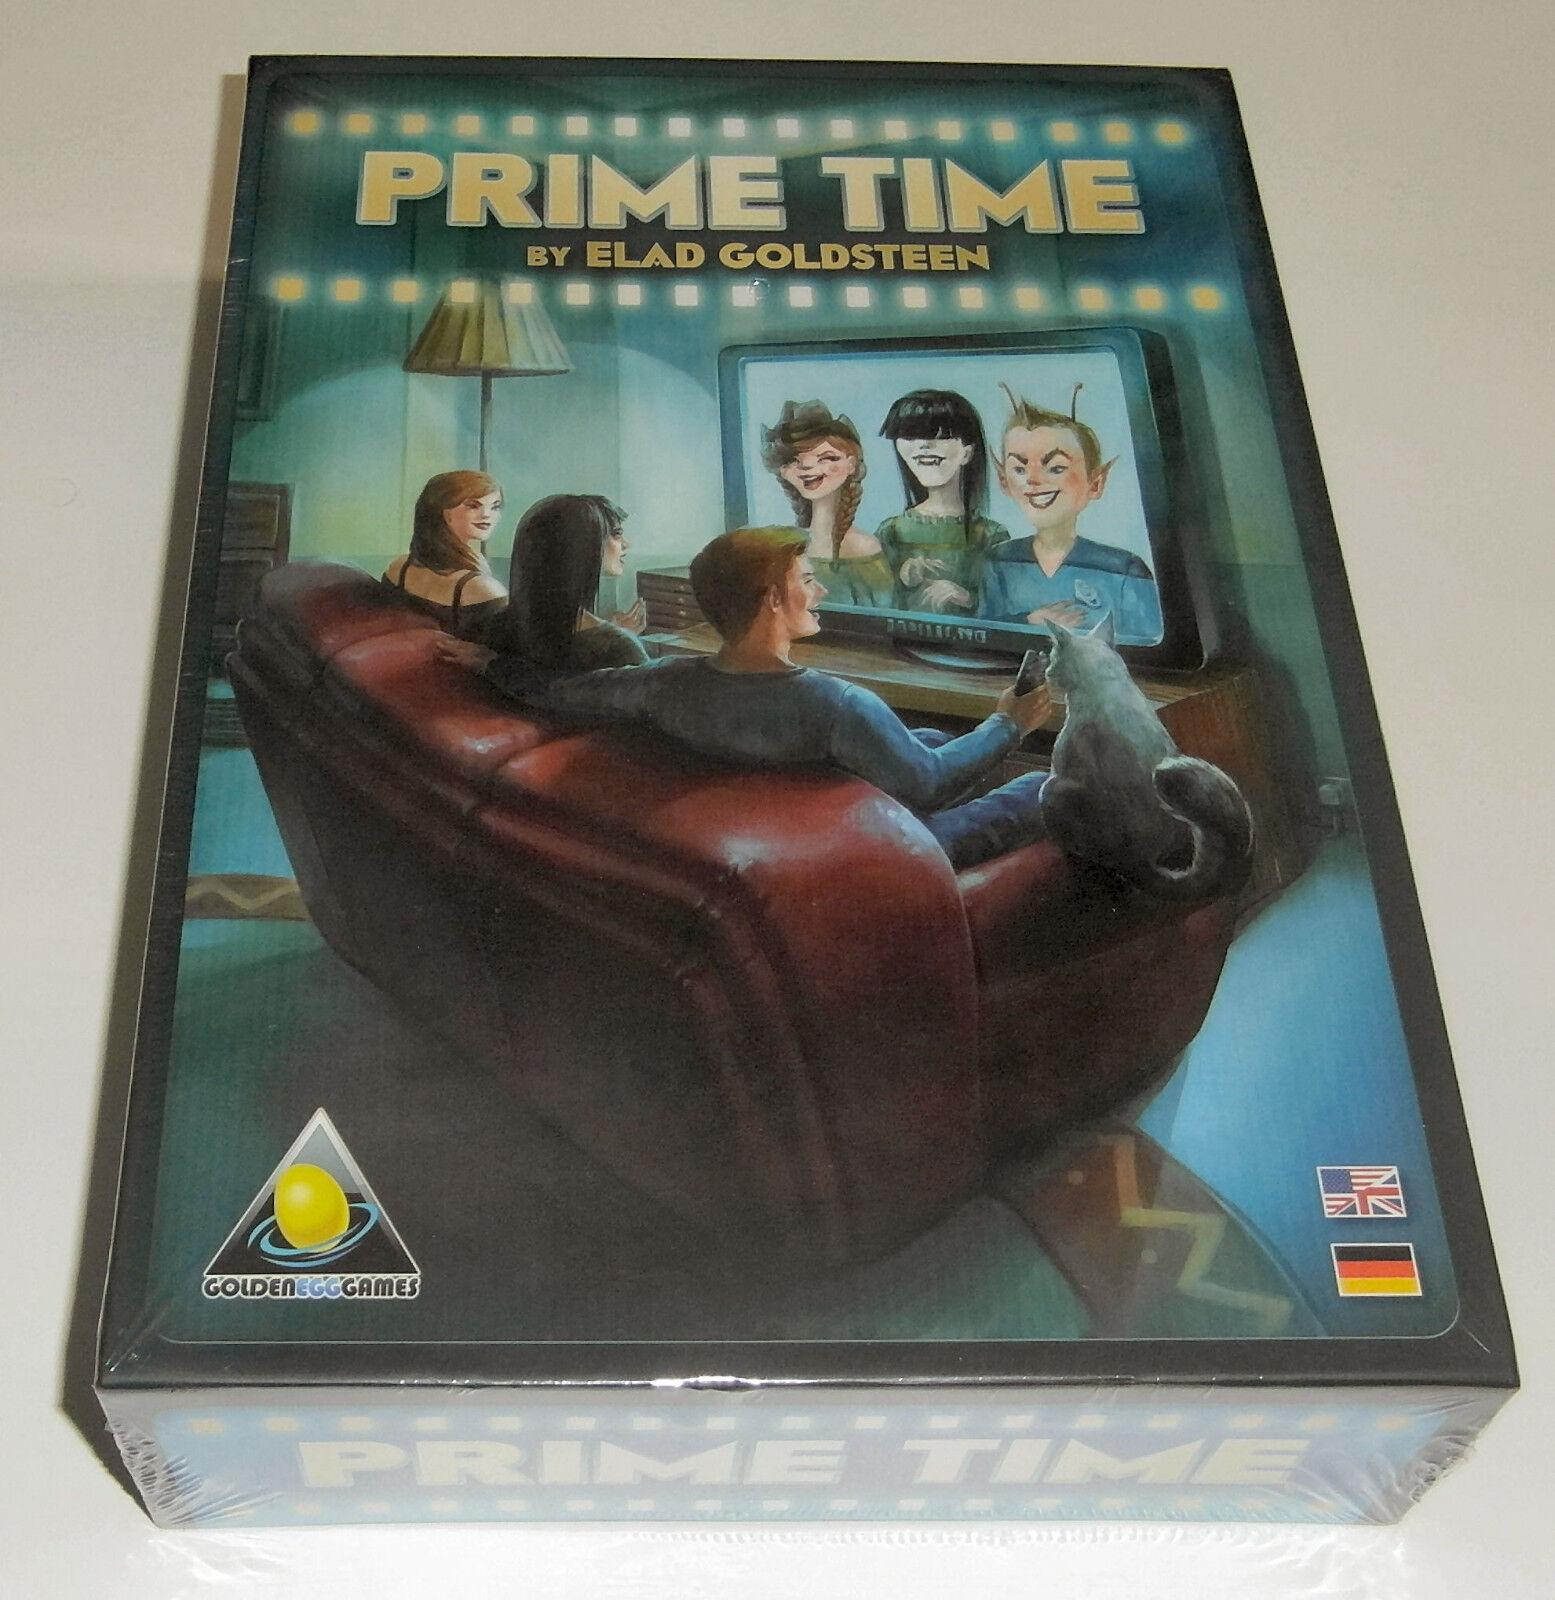 Prime Time - golden Egg Games - 2015